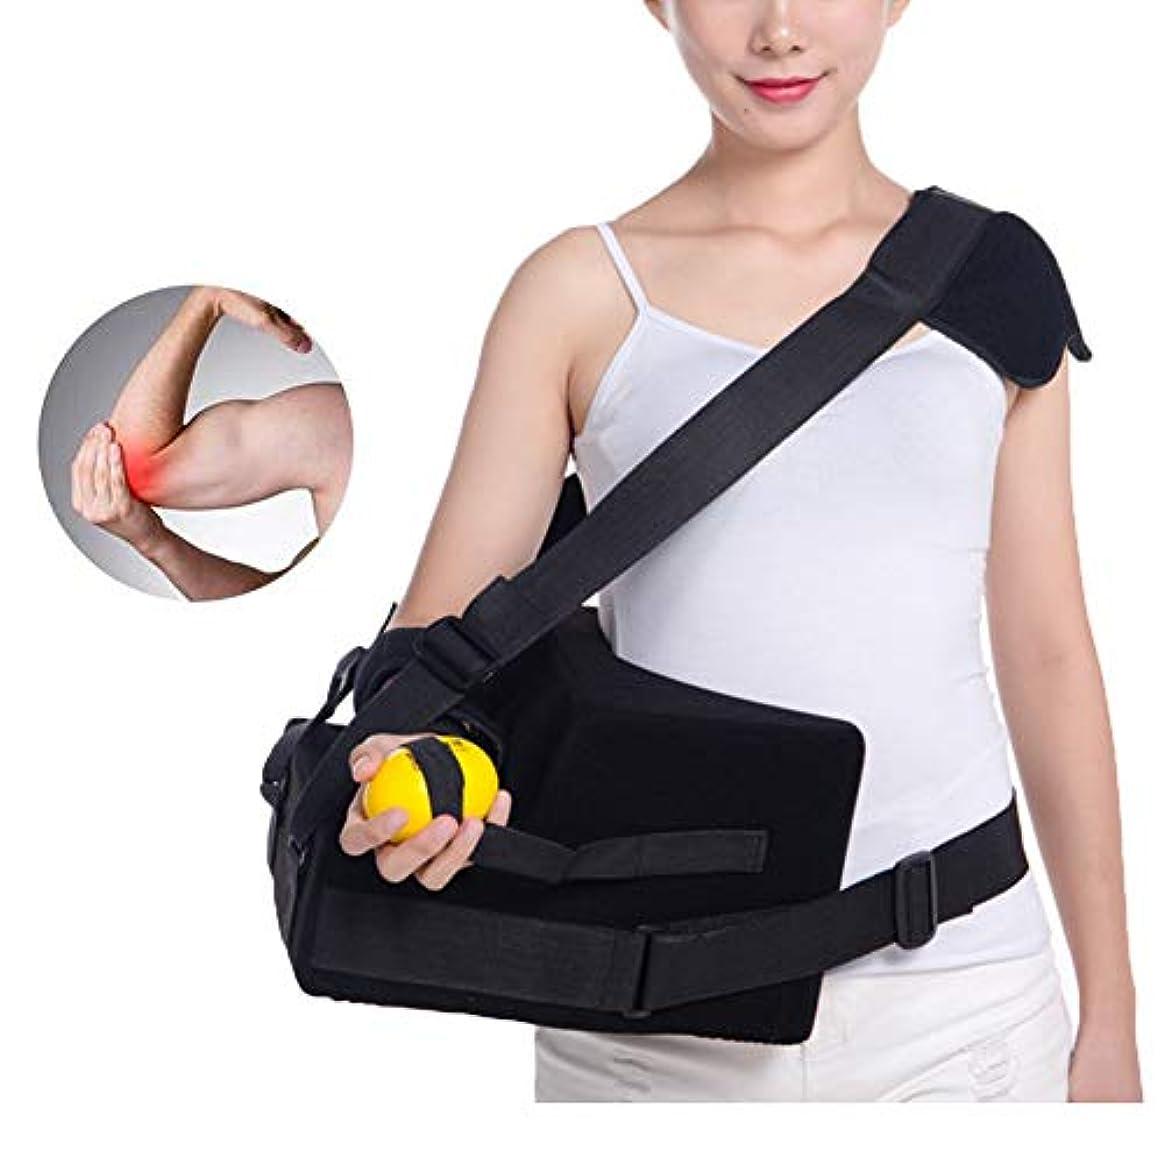 ジェーンオースティンシンプルさ漏れ腕のスリングの肘サポートブレース肩外転ベルト骨折、腕の骨折、手首、肘、肩のけがの軽減とサポート、ワンサイズ - ユニセックス